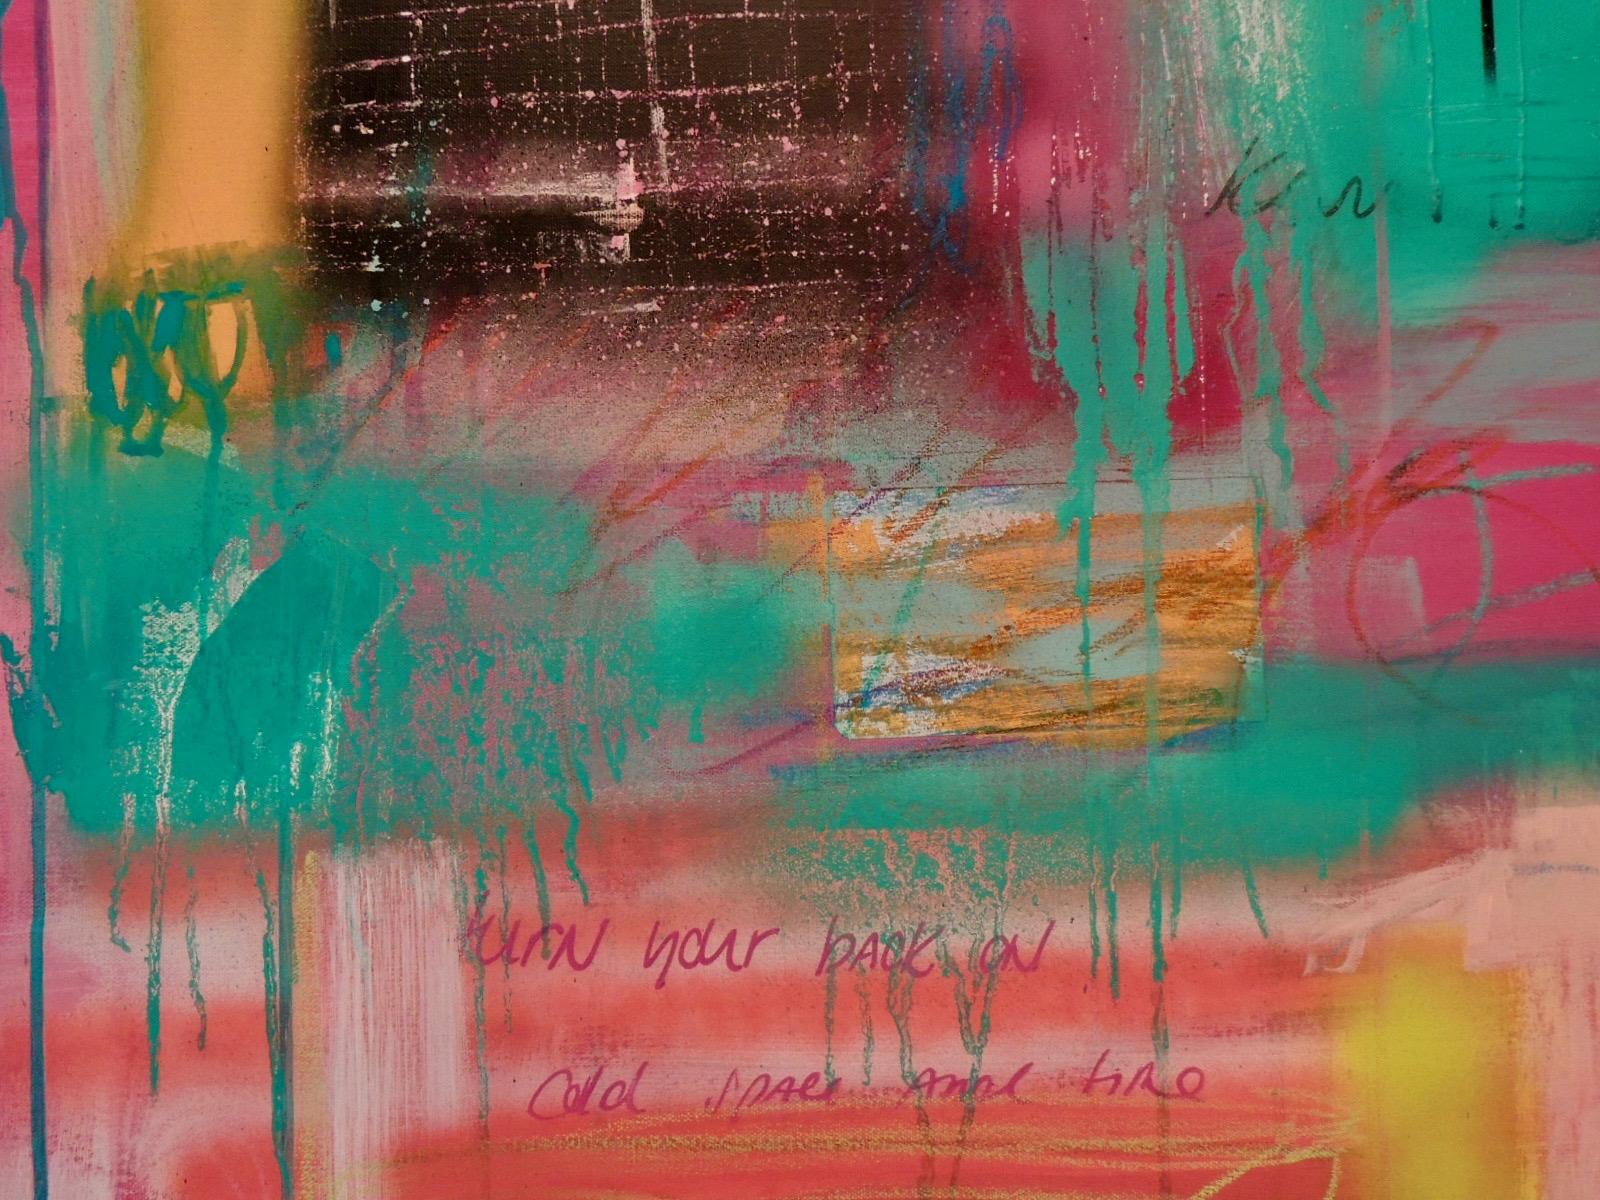 Morning in Love by Niki Stearman | ArtworkNetwork.com